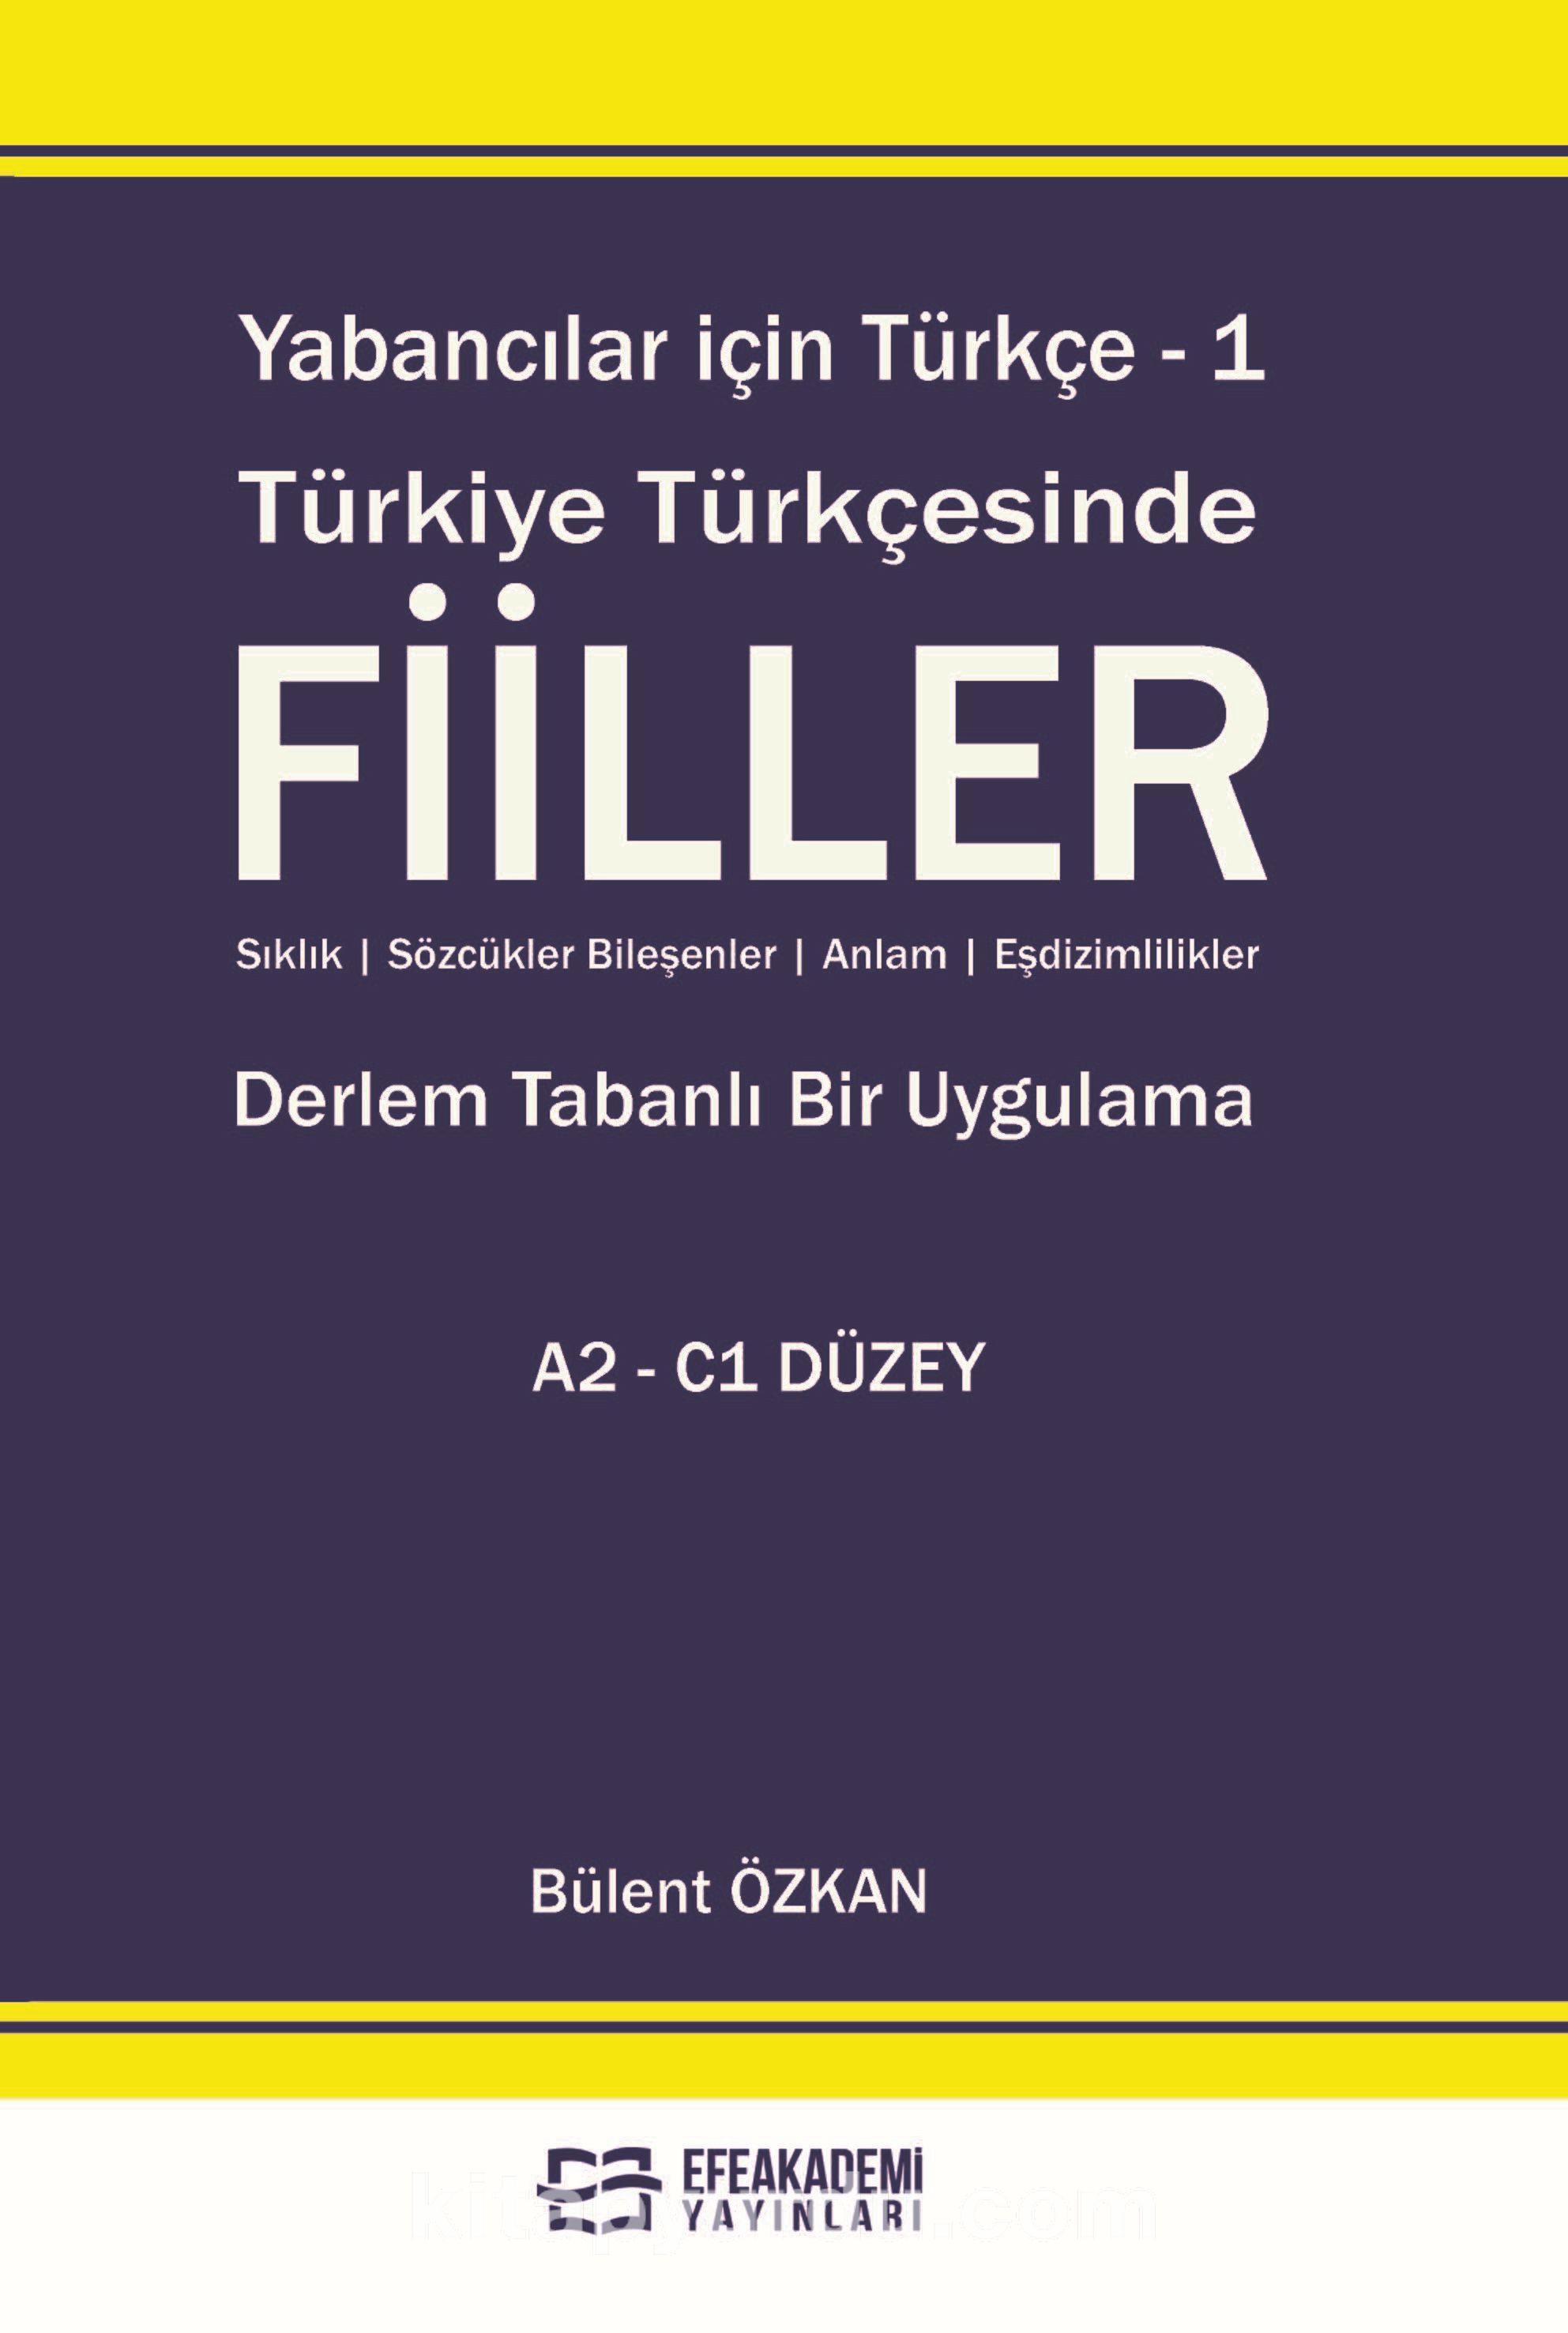 Yabancılar İçin Türkçe 1 / Türkiye Türkçesinde Fiiller - Bülent Özkan pdf epub